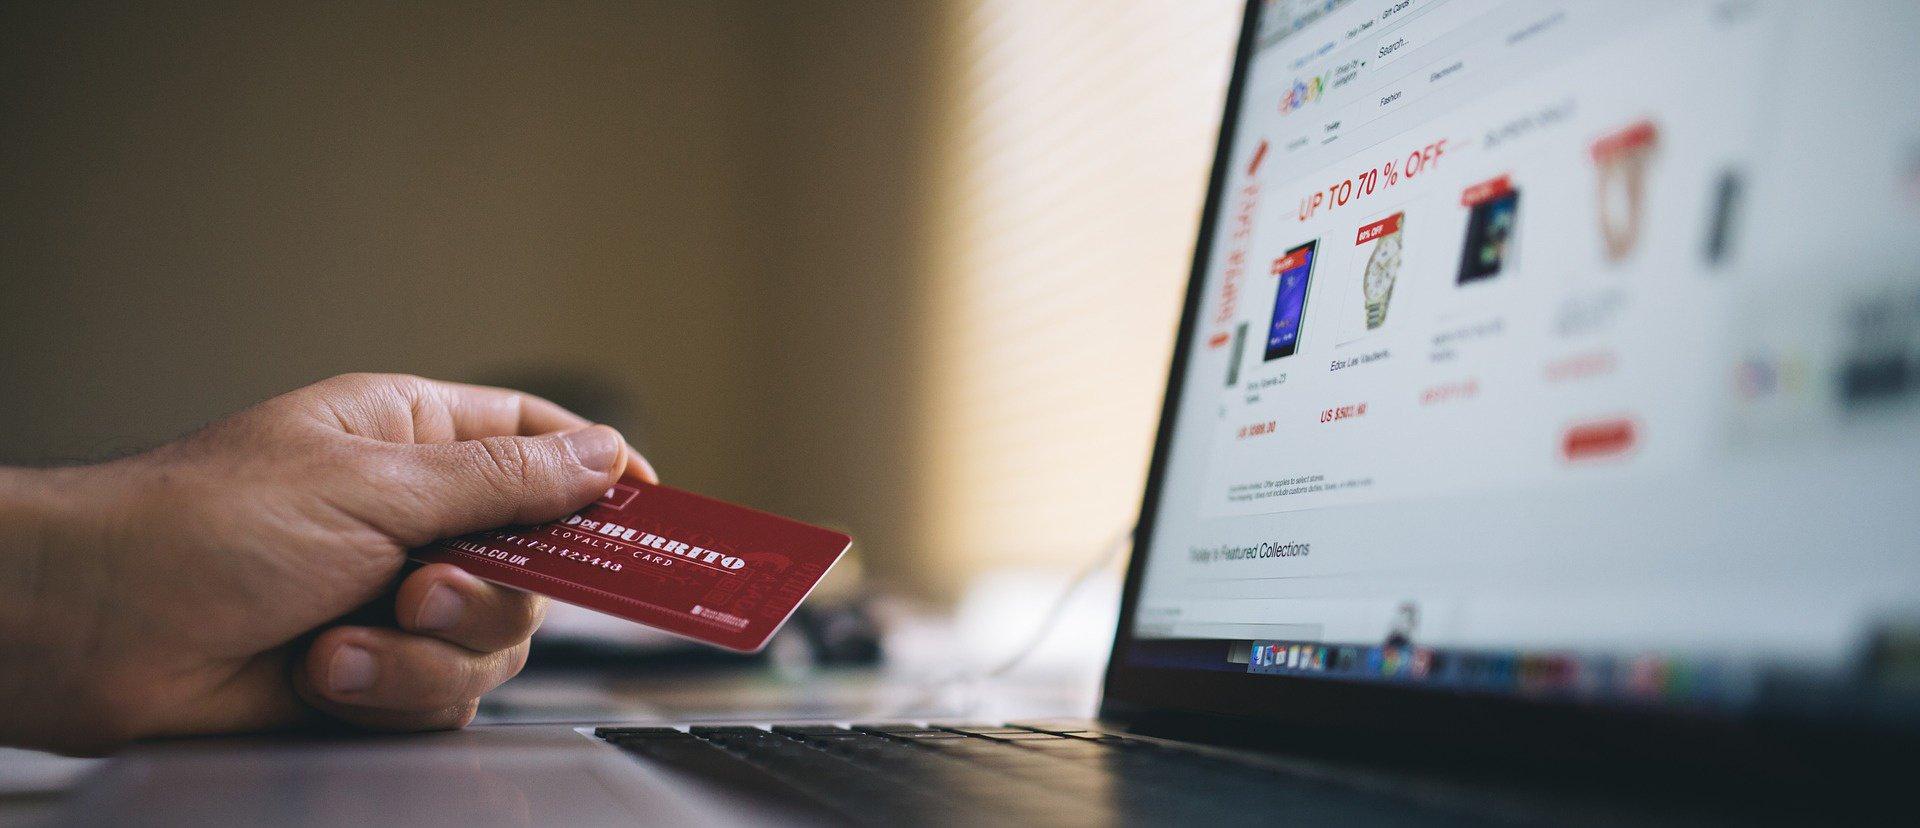 ecom-credit-card